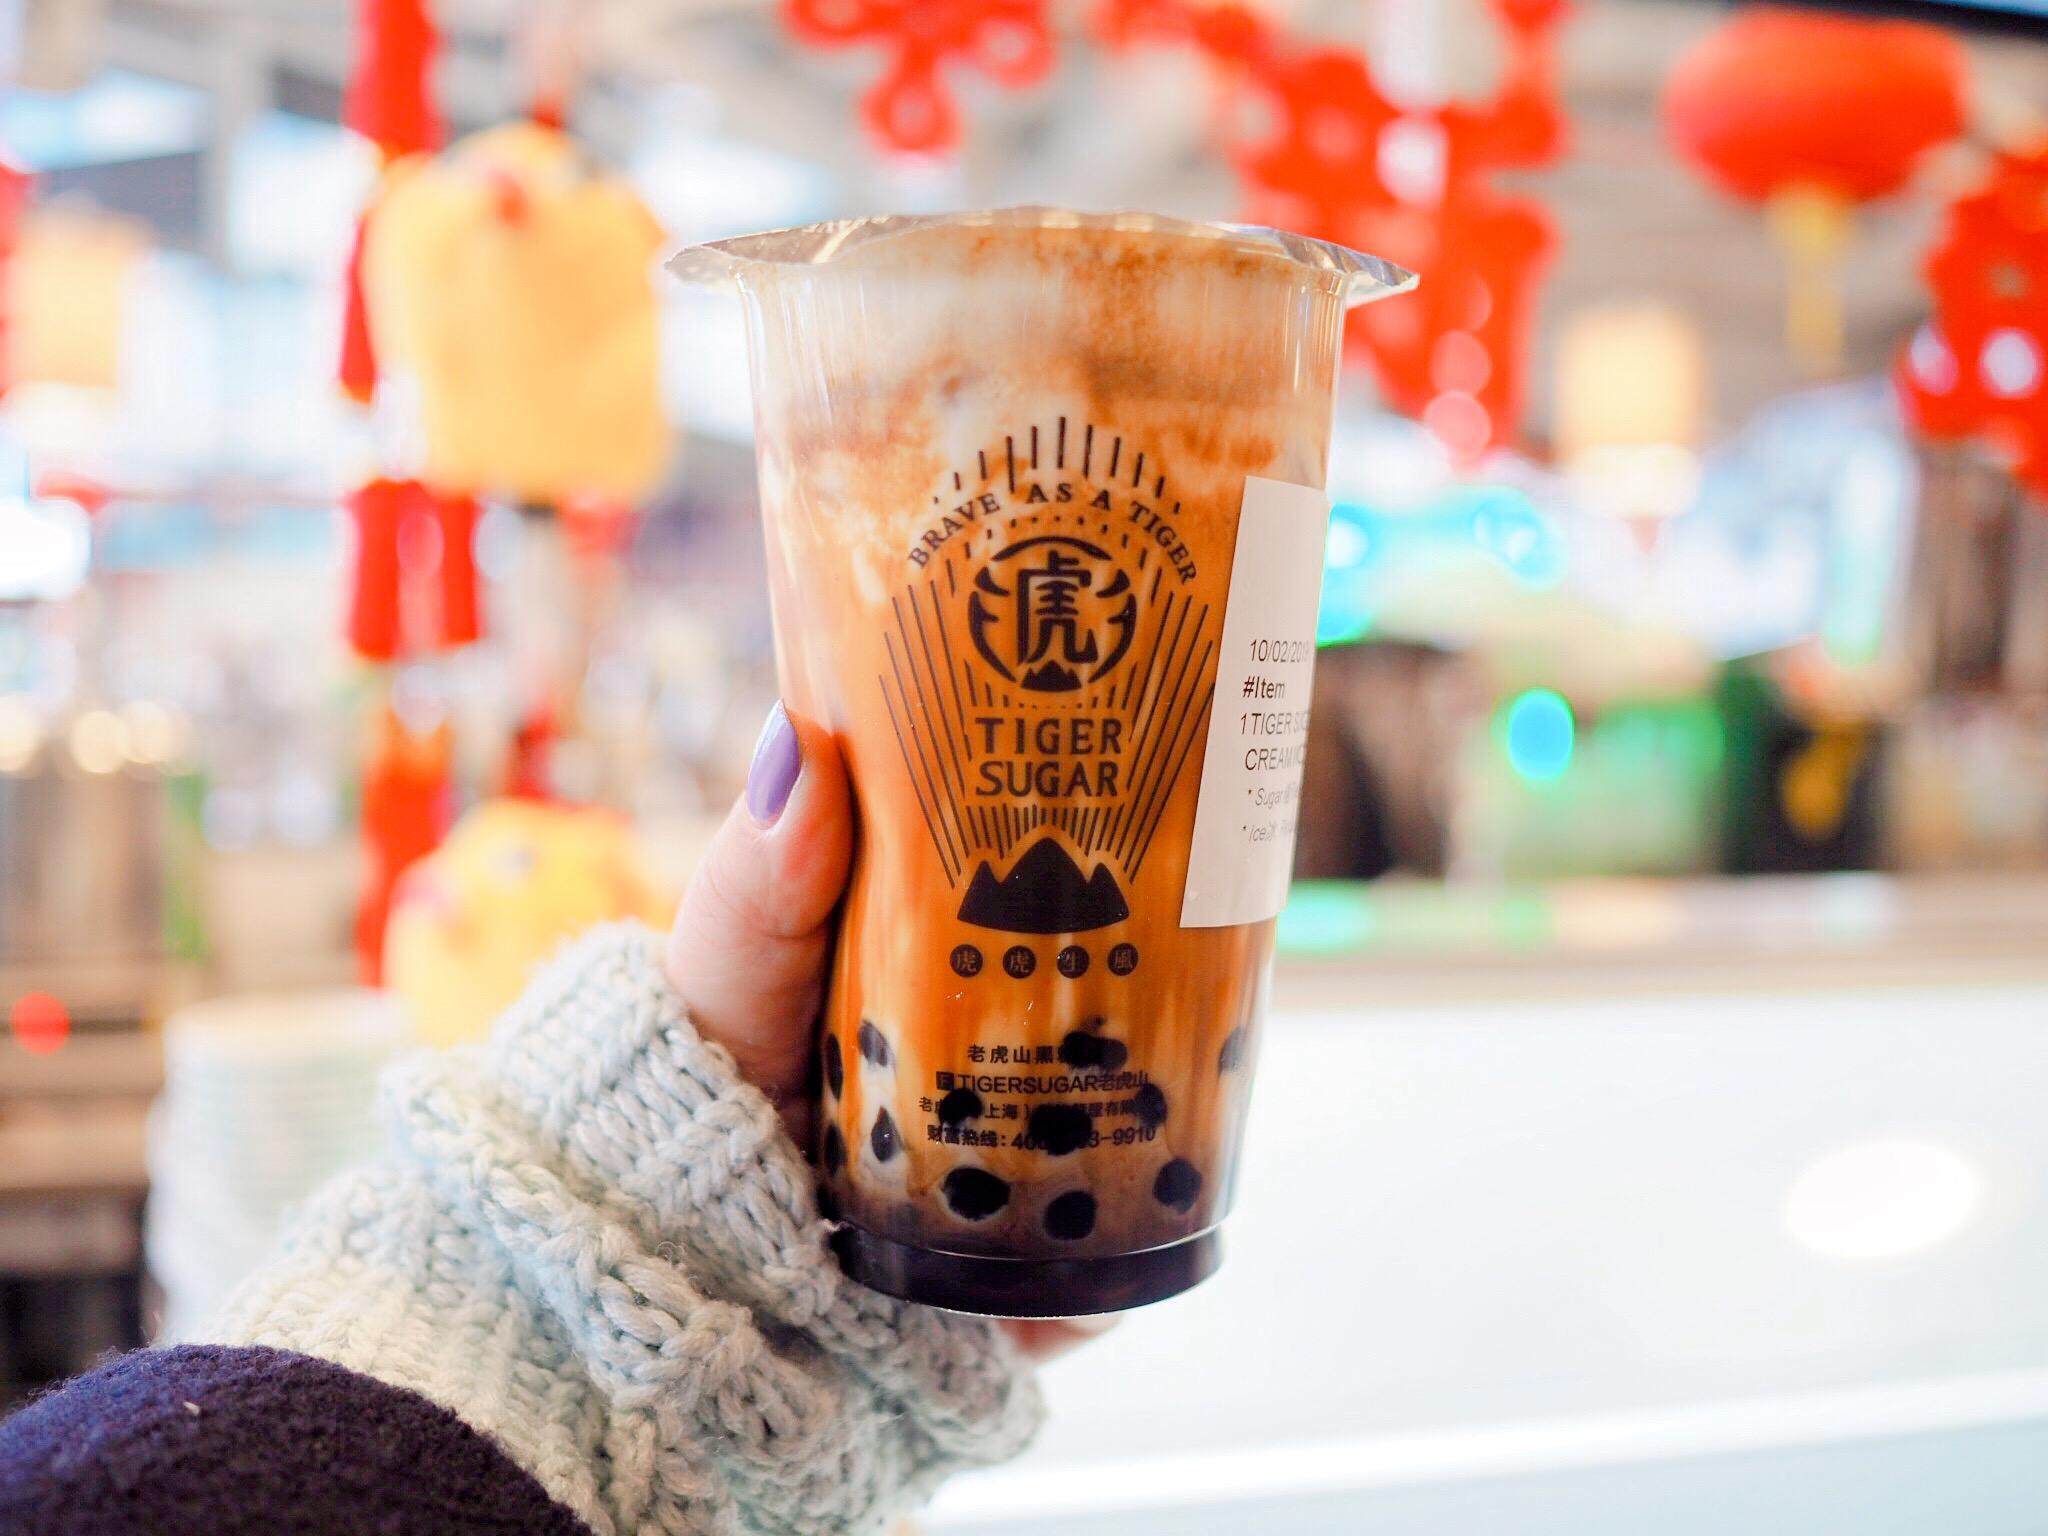 Tiger Sugar 老虎堂 London - Bang Bang Oriental food hall